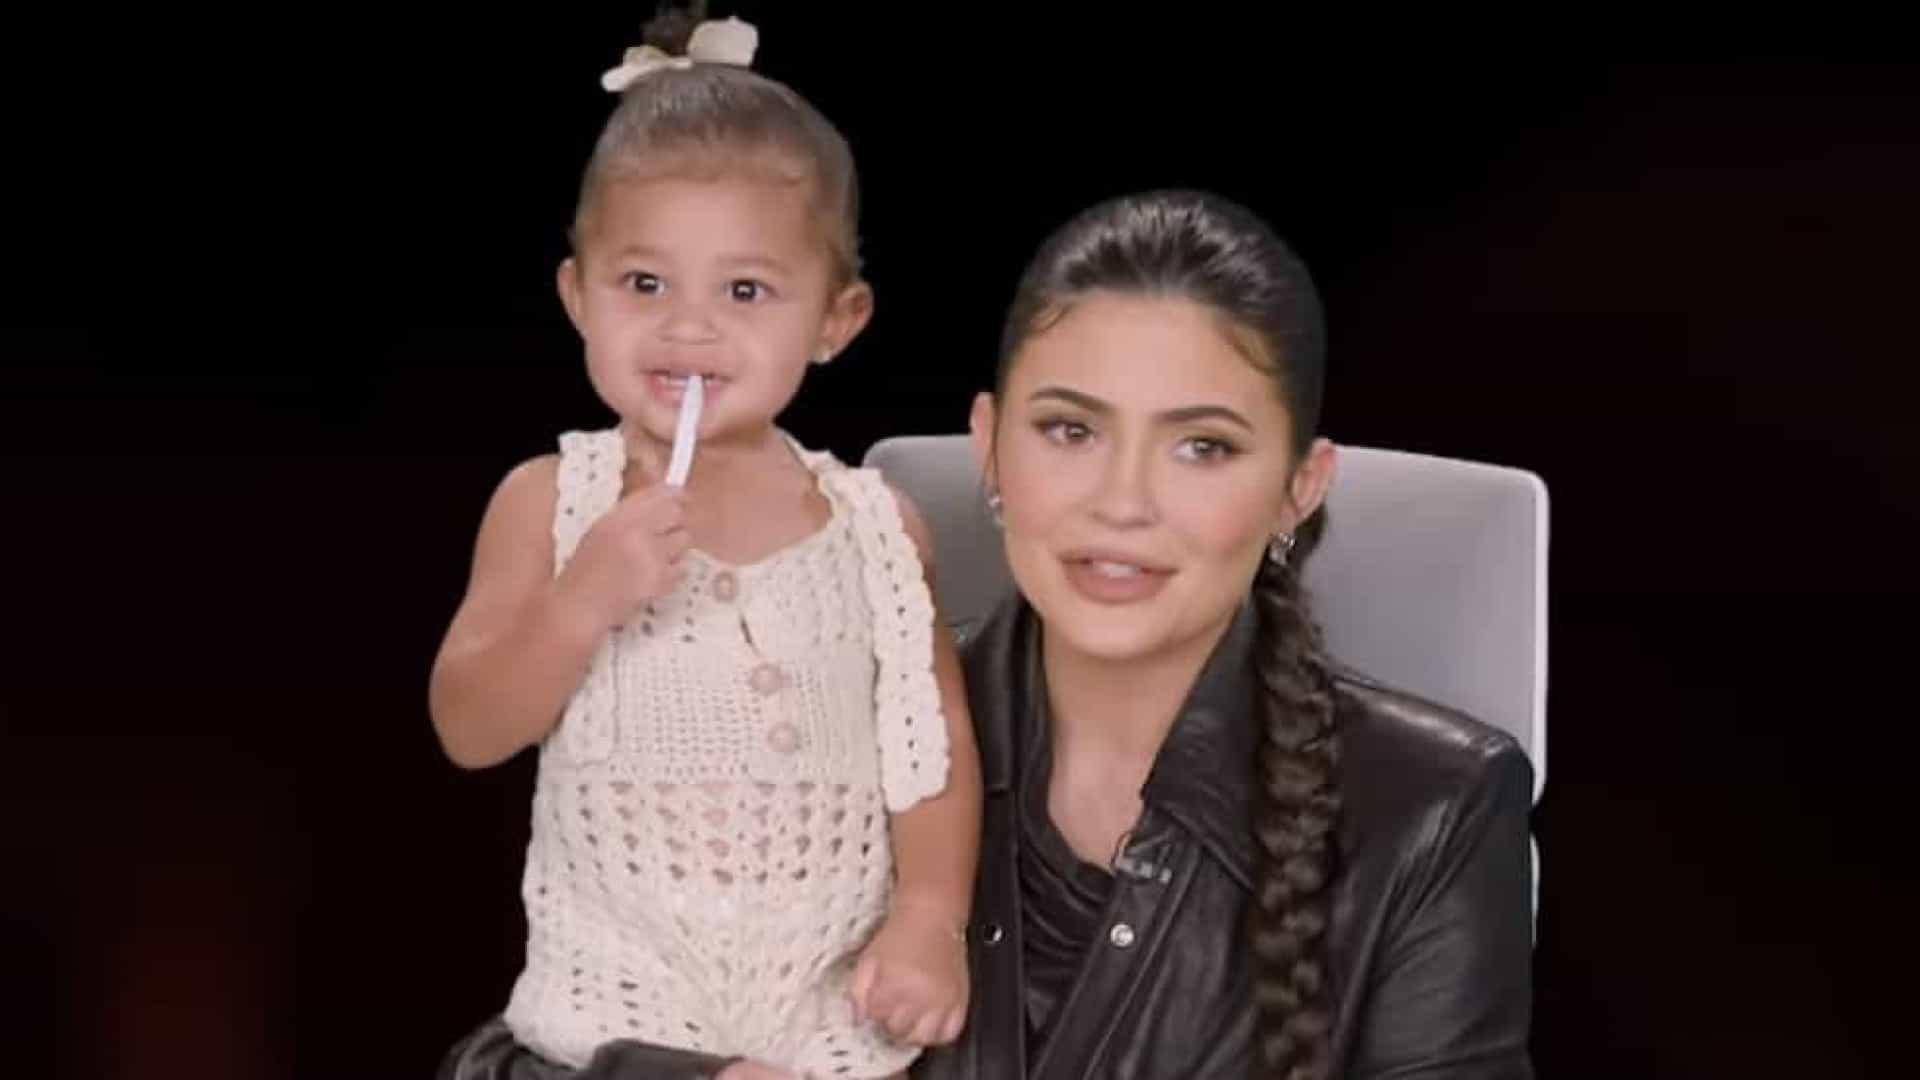 Com apenas 1 ano, filha de Kylie Jenner entra em campanha de maquilhagem